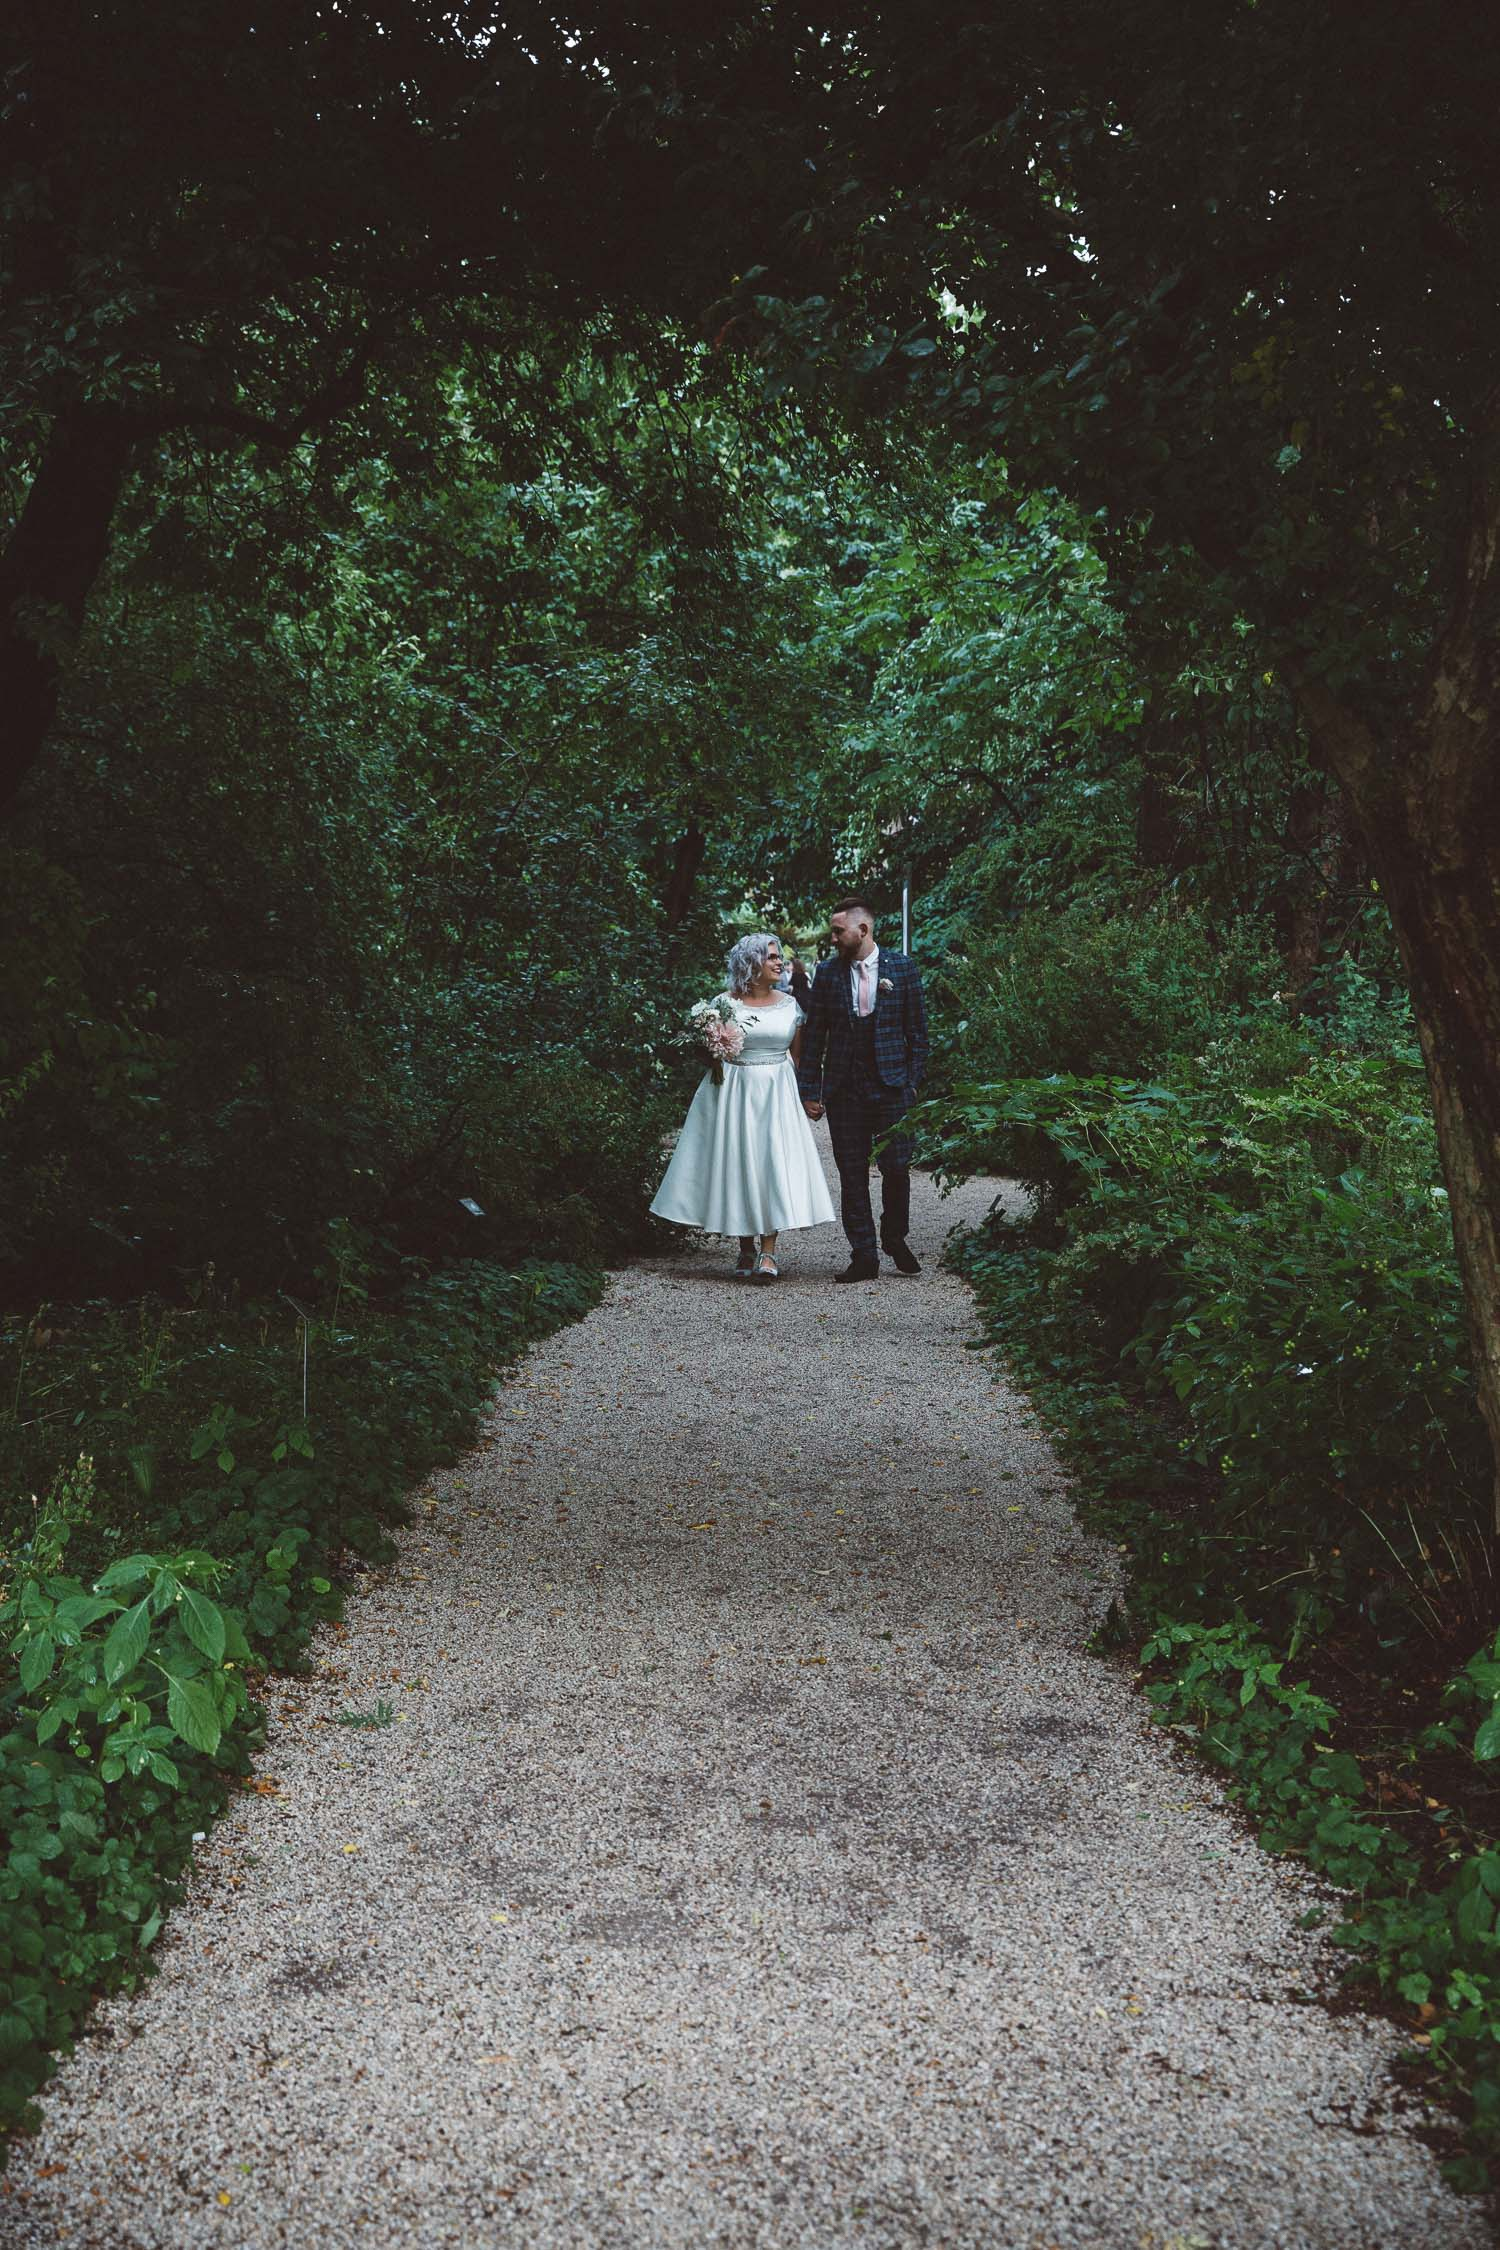 Wedding-Bethan-and-Mike-Hortus-Botanicus-photography-On-a-hazy-morning-Amsterdam149.jpg